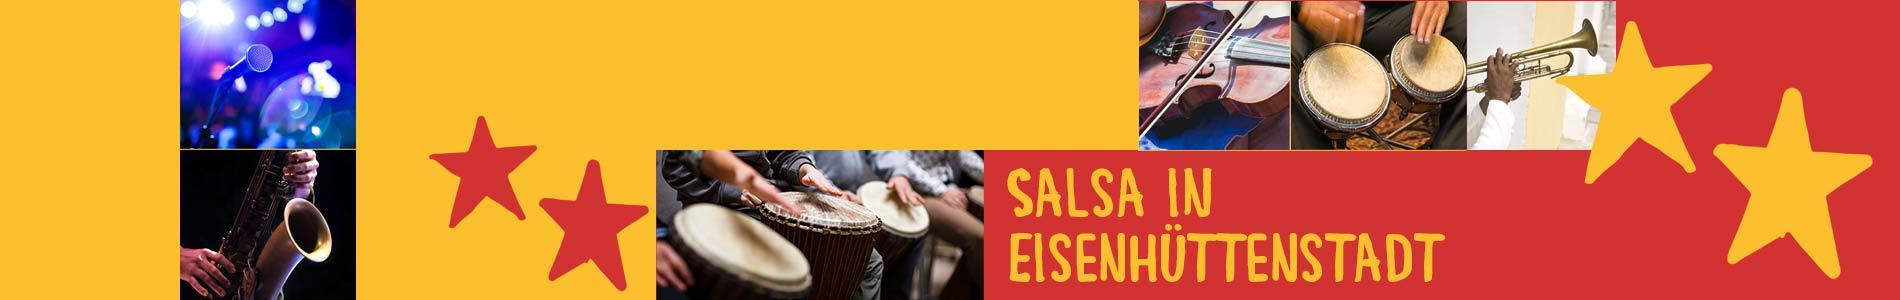 Salsa in Eisenhüttenstadt – Salsa lernen und tanzen, Tanzkurse, Partys, Veranstaltungen